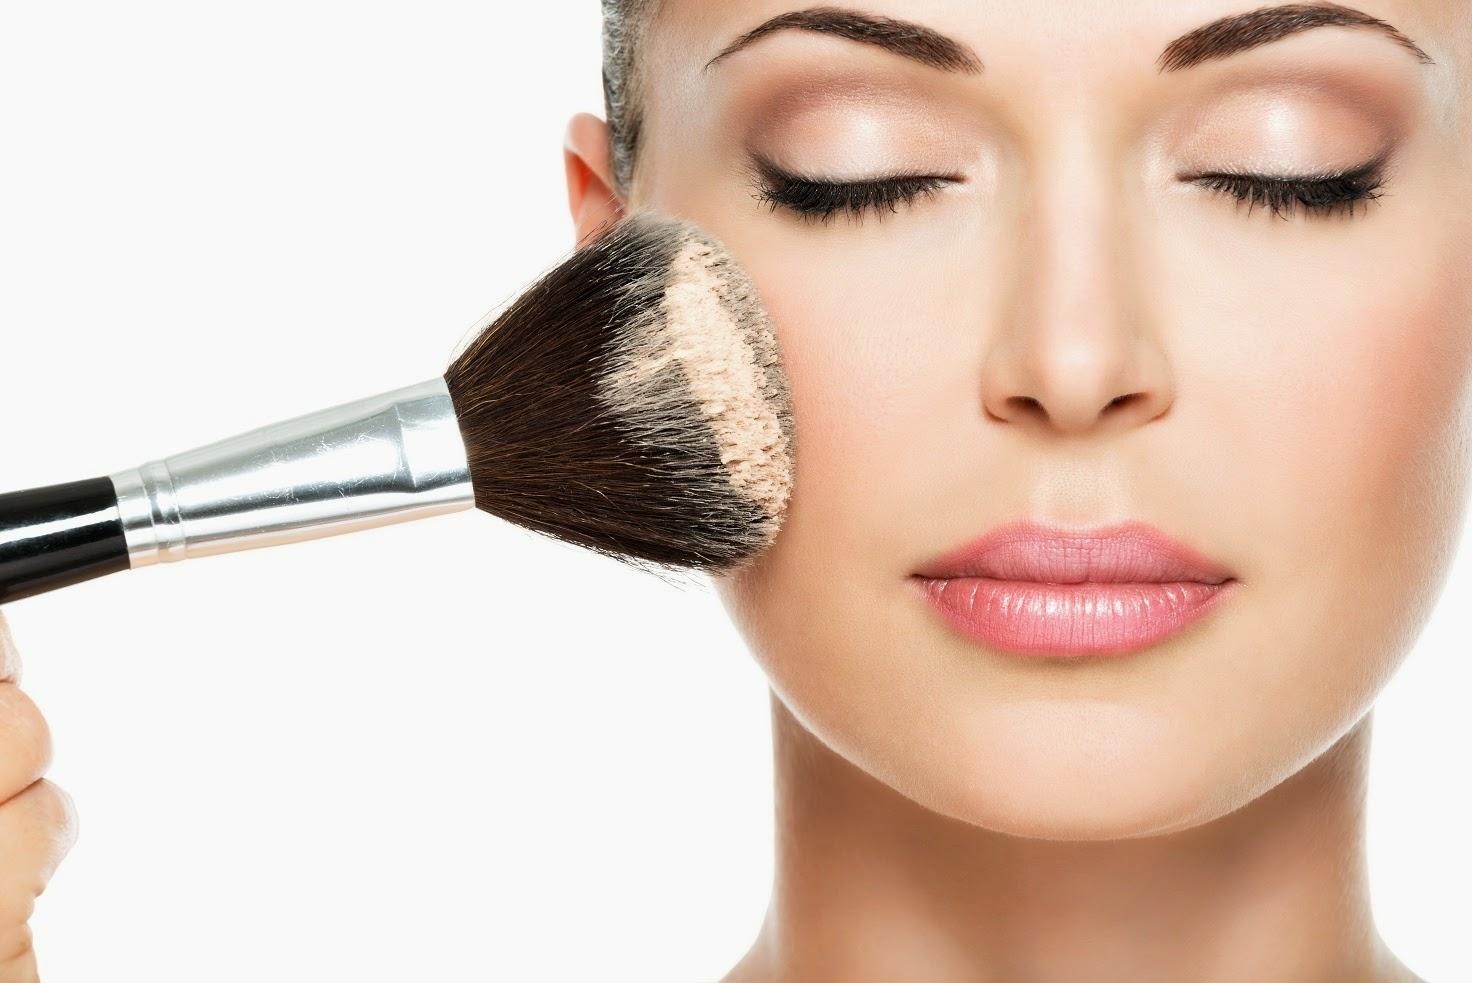 Maquillaje empresas que no prueban en animales